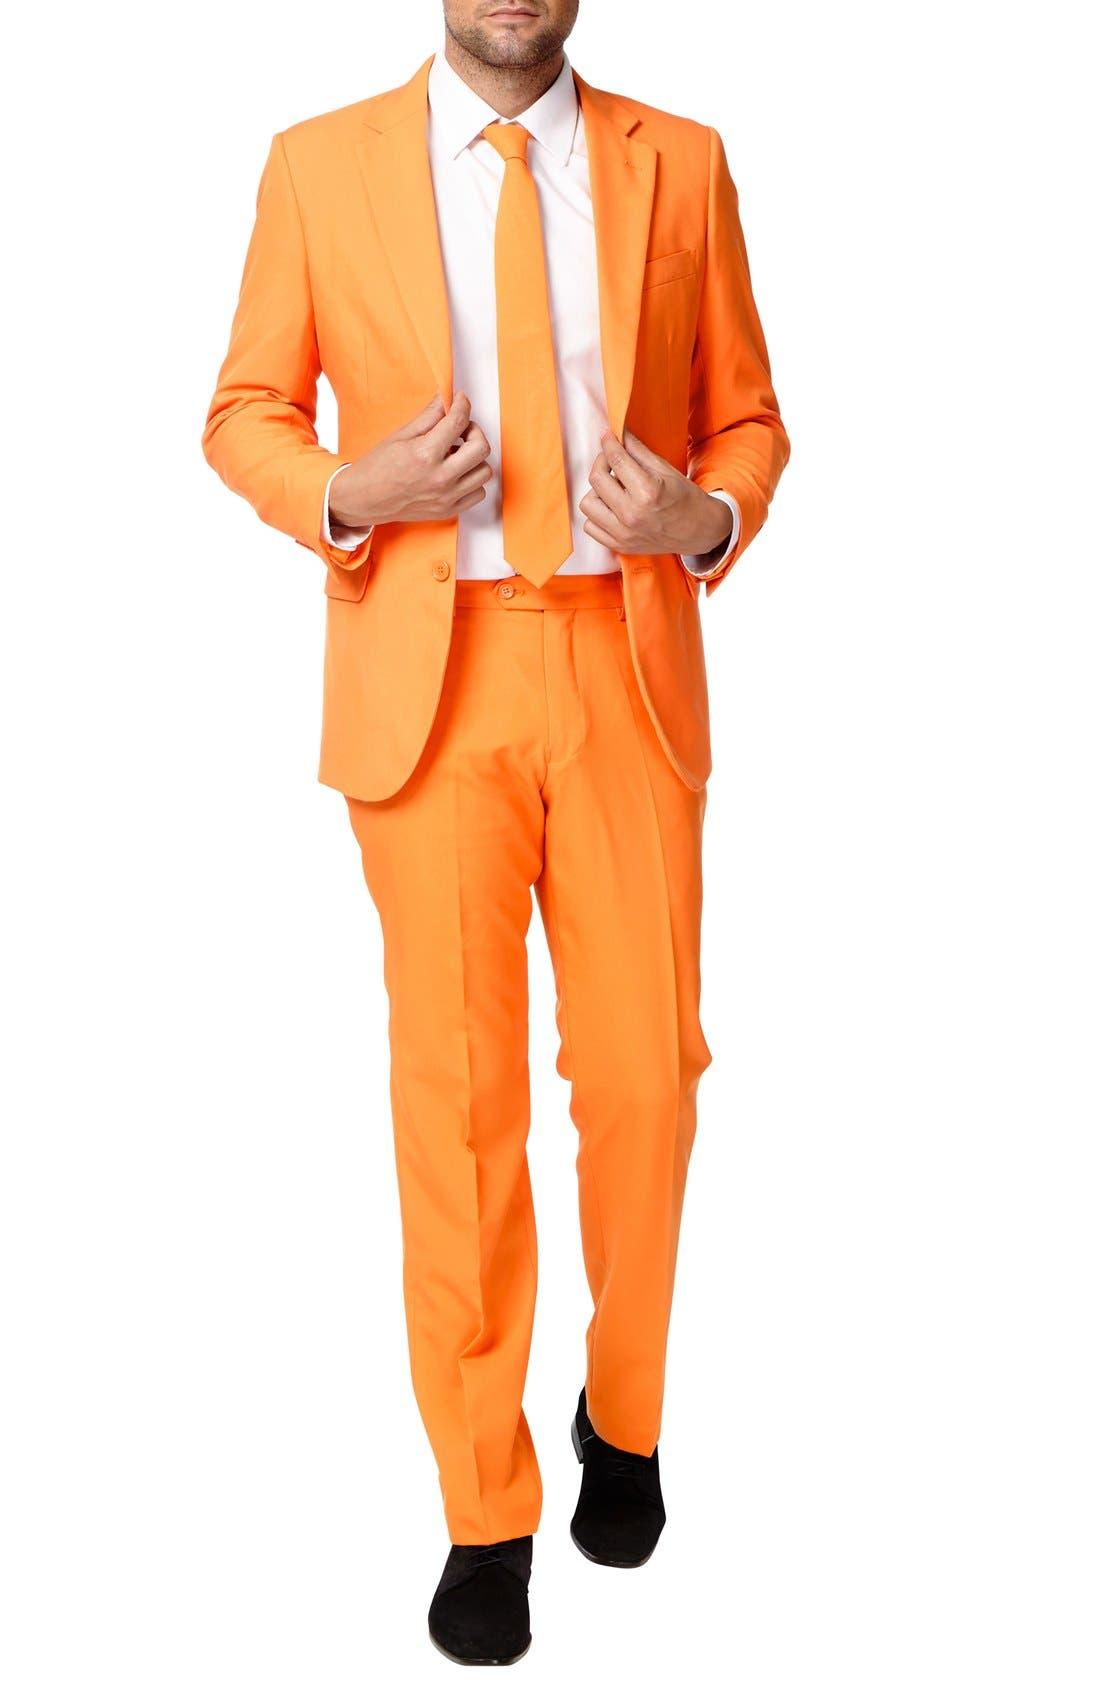 'The Orange' Trim Fit Two-Piece Suit with Tie,                         Main,                         color,